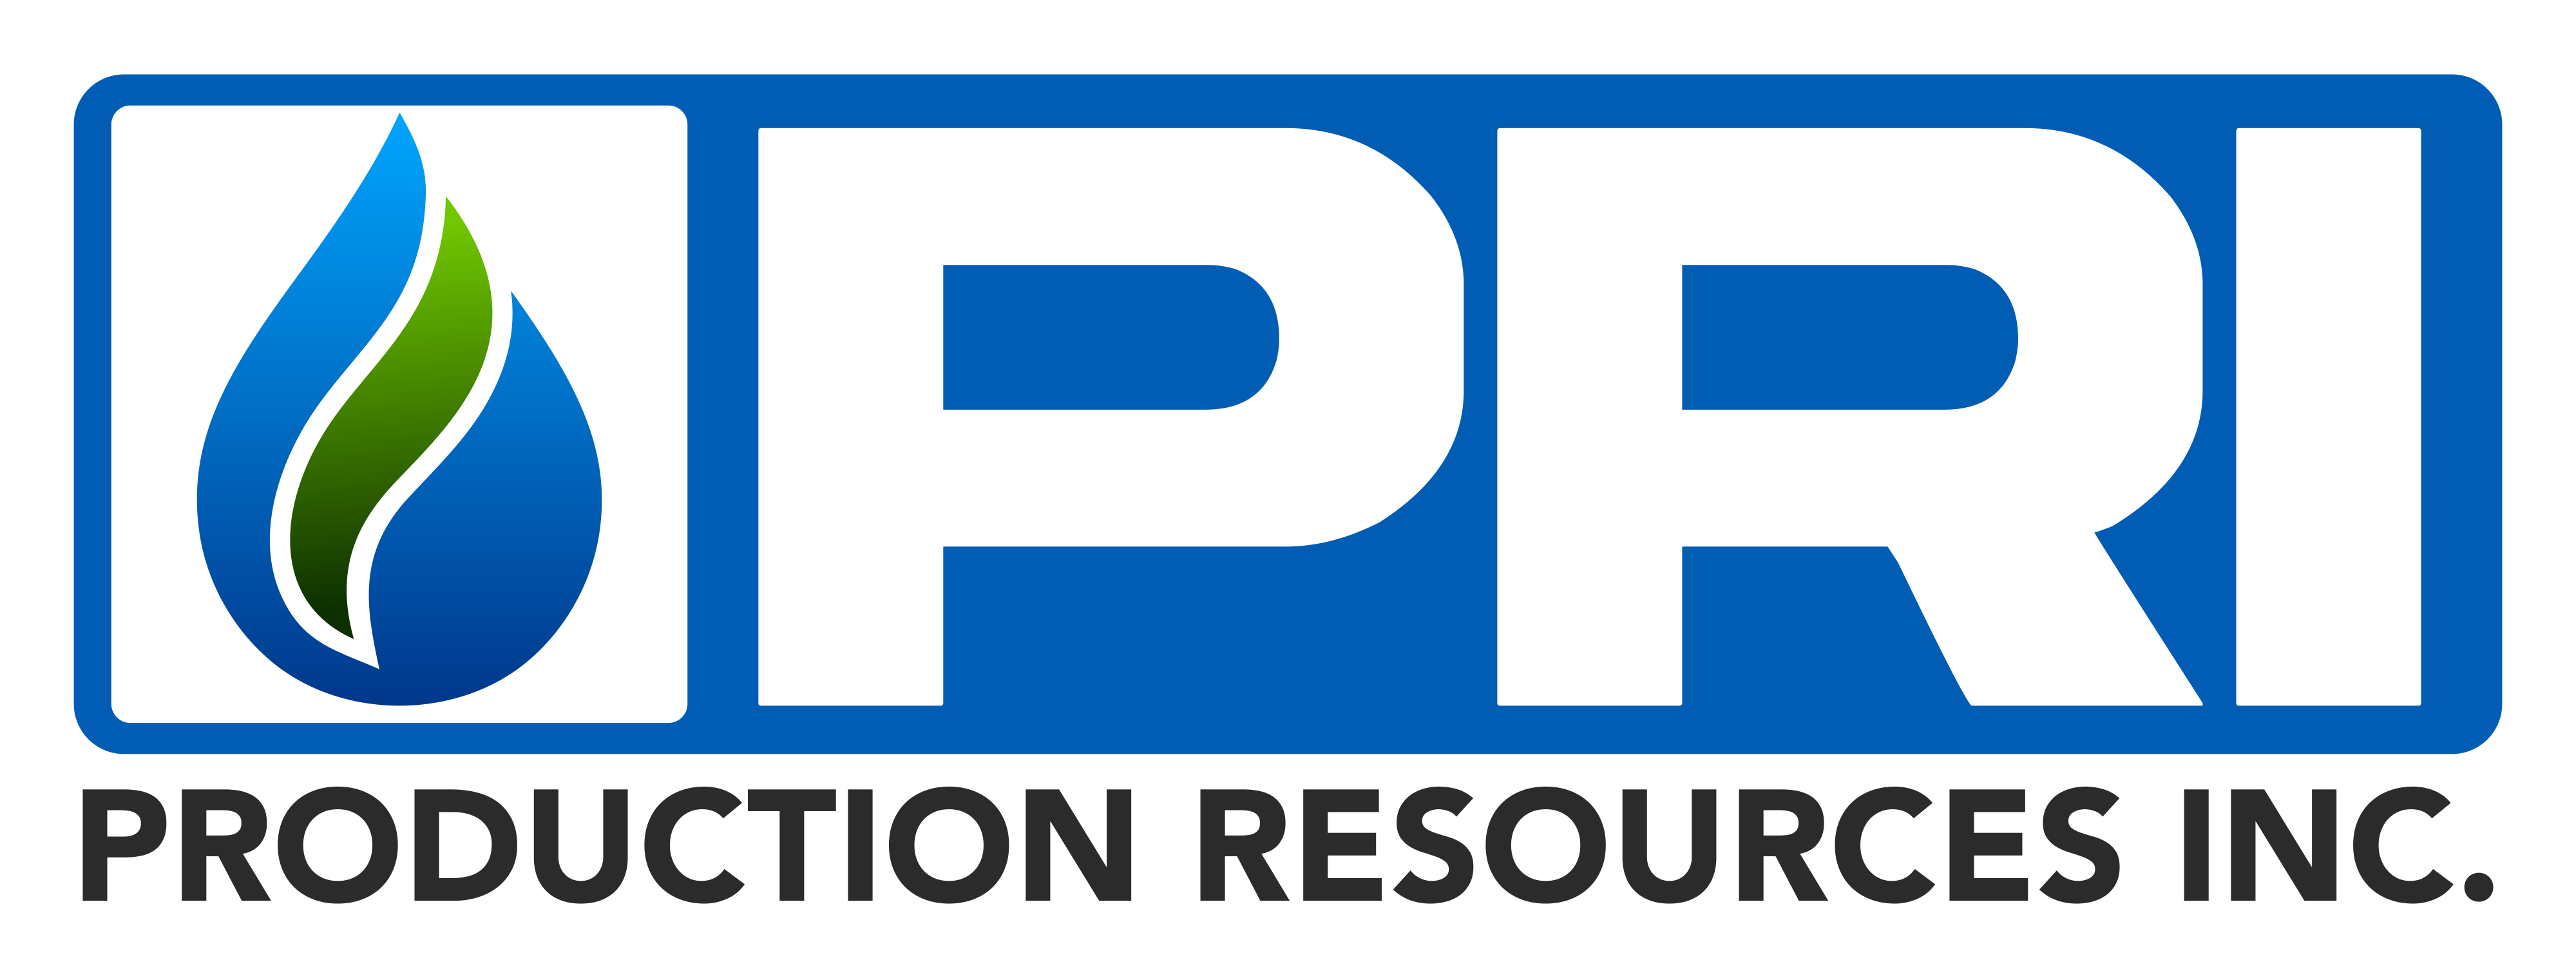 pri-logo-png